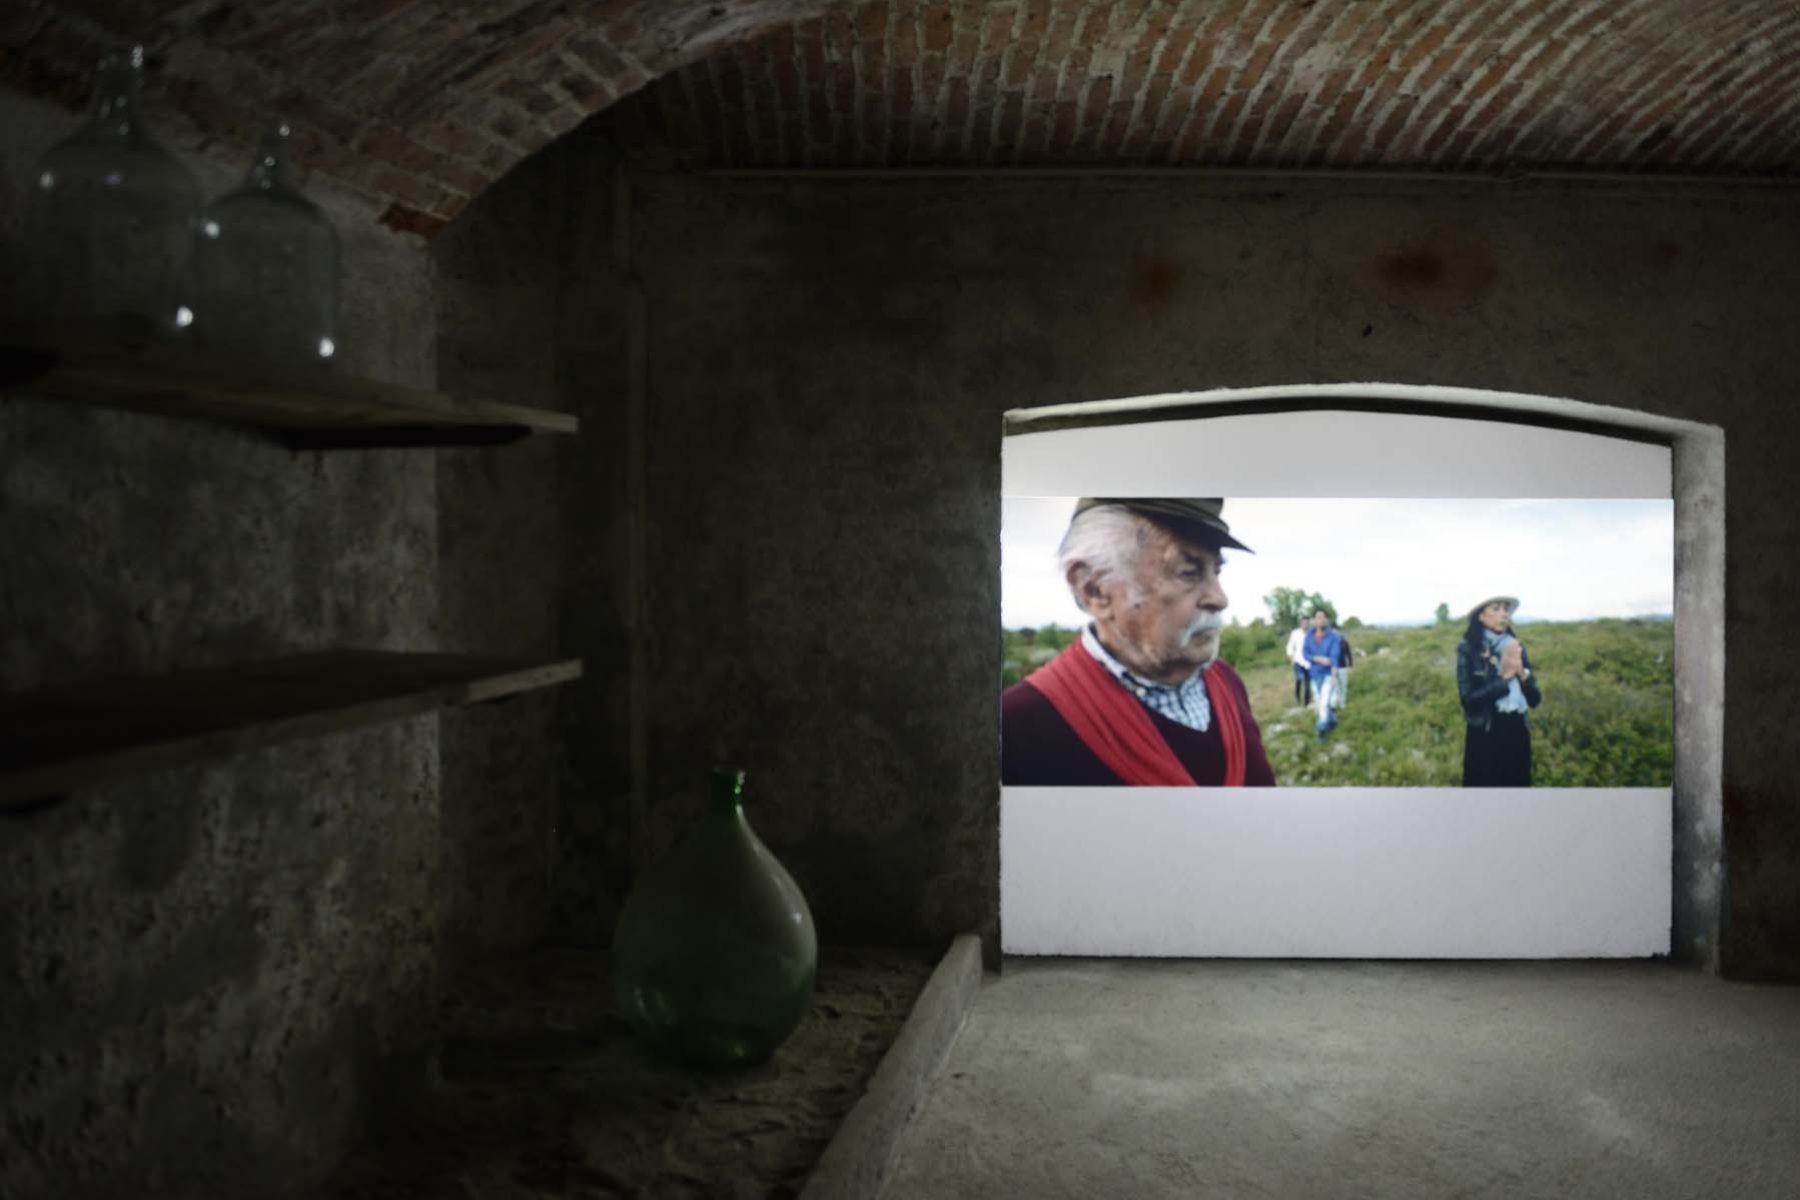 Libere Tutte, installation view, Casa Testori, Novate, 2019, ph. M.A. Sereni